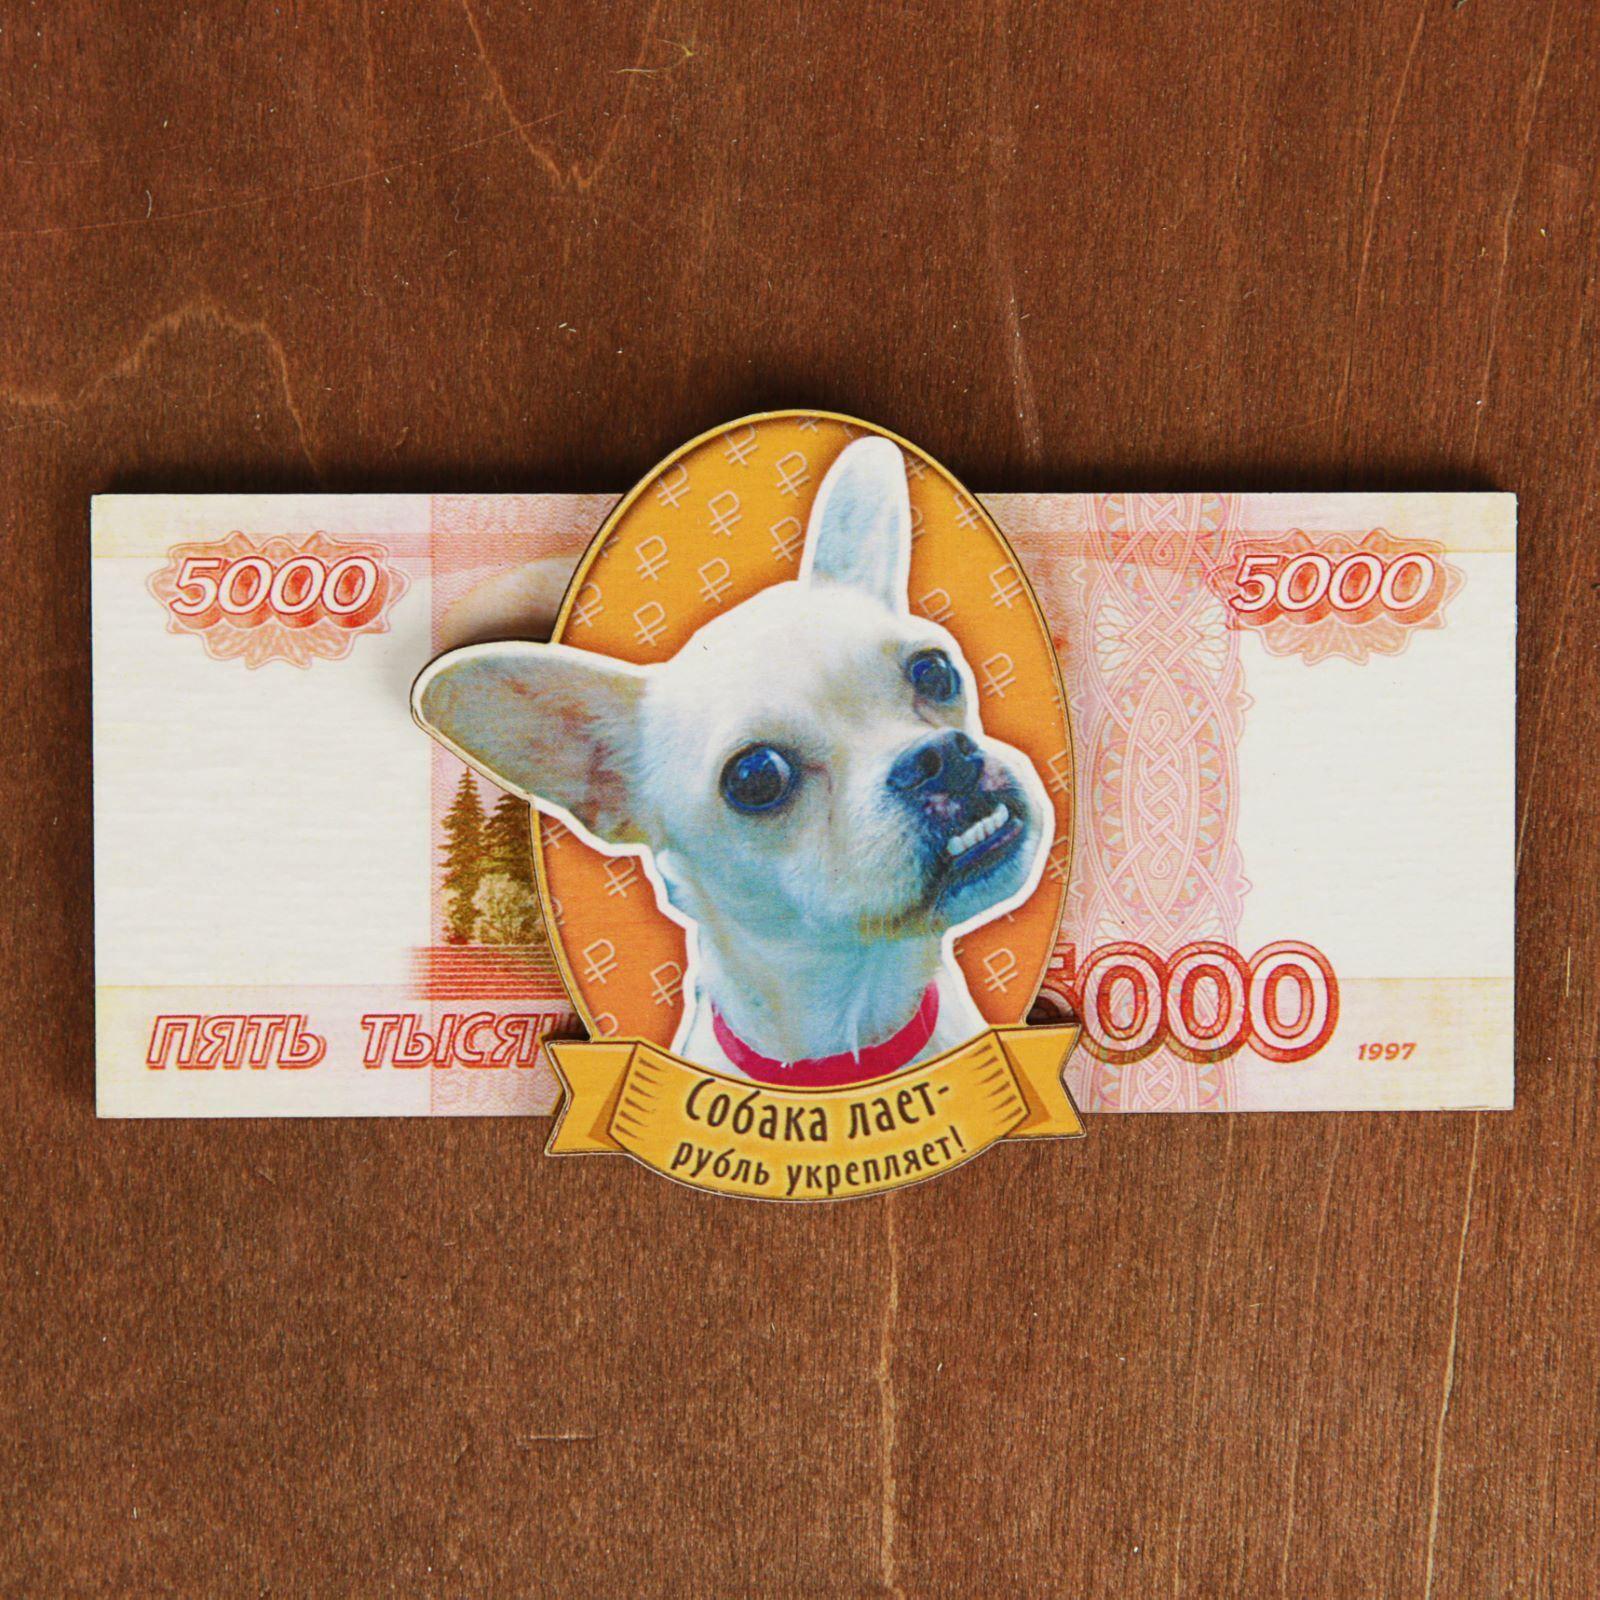 Магнит Sima-land 5000 рублей, 12,5 х 5,5 см2484611Порадуйте родных и близких оригинальным сувениром: преподнесите в подарок магнит. С ним даже самый серьёзный человек почувствует себя ребёнком, ожидающим чудо! Создайте праздничное настроение, и оно останется с вами на весь год.